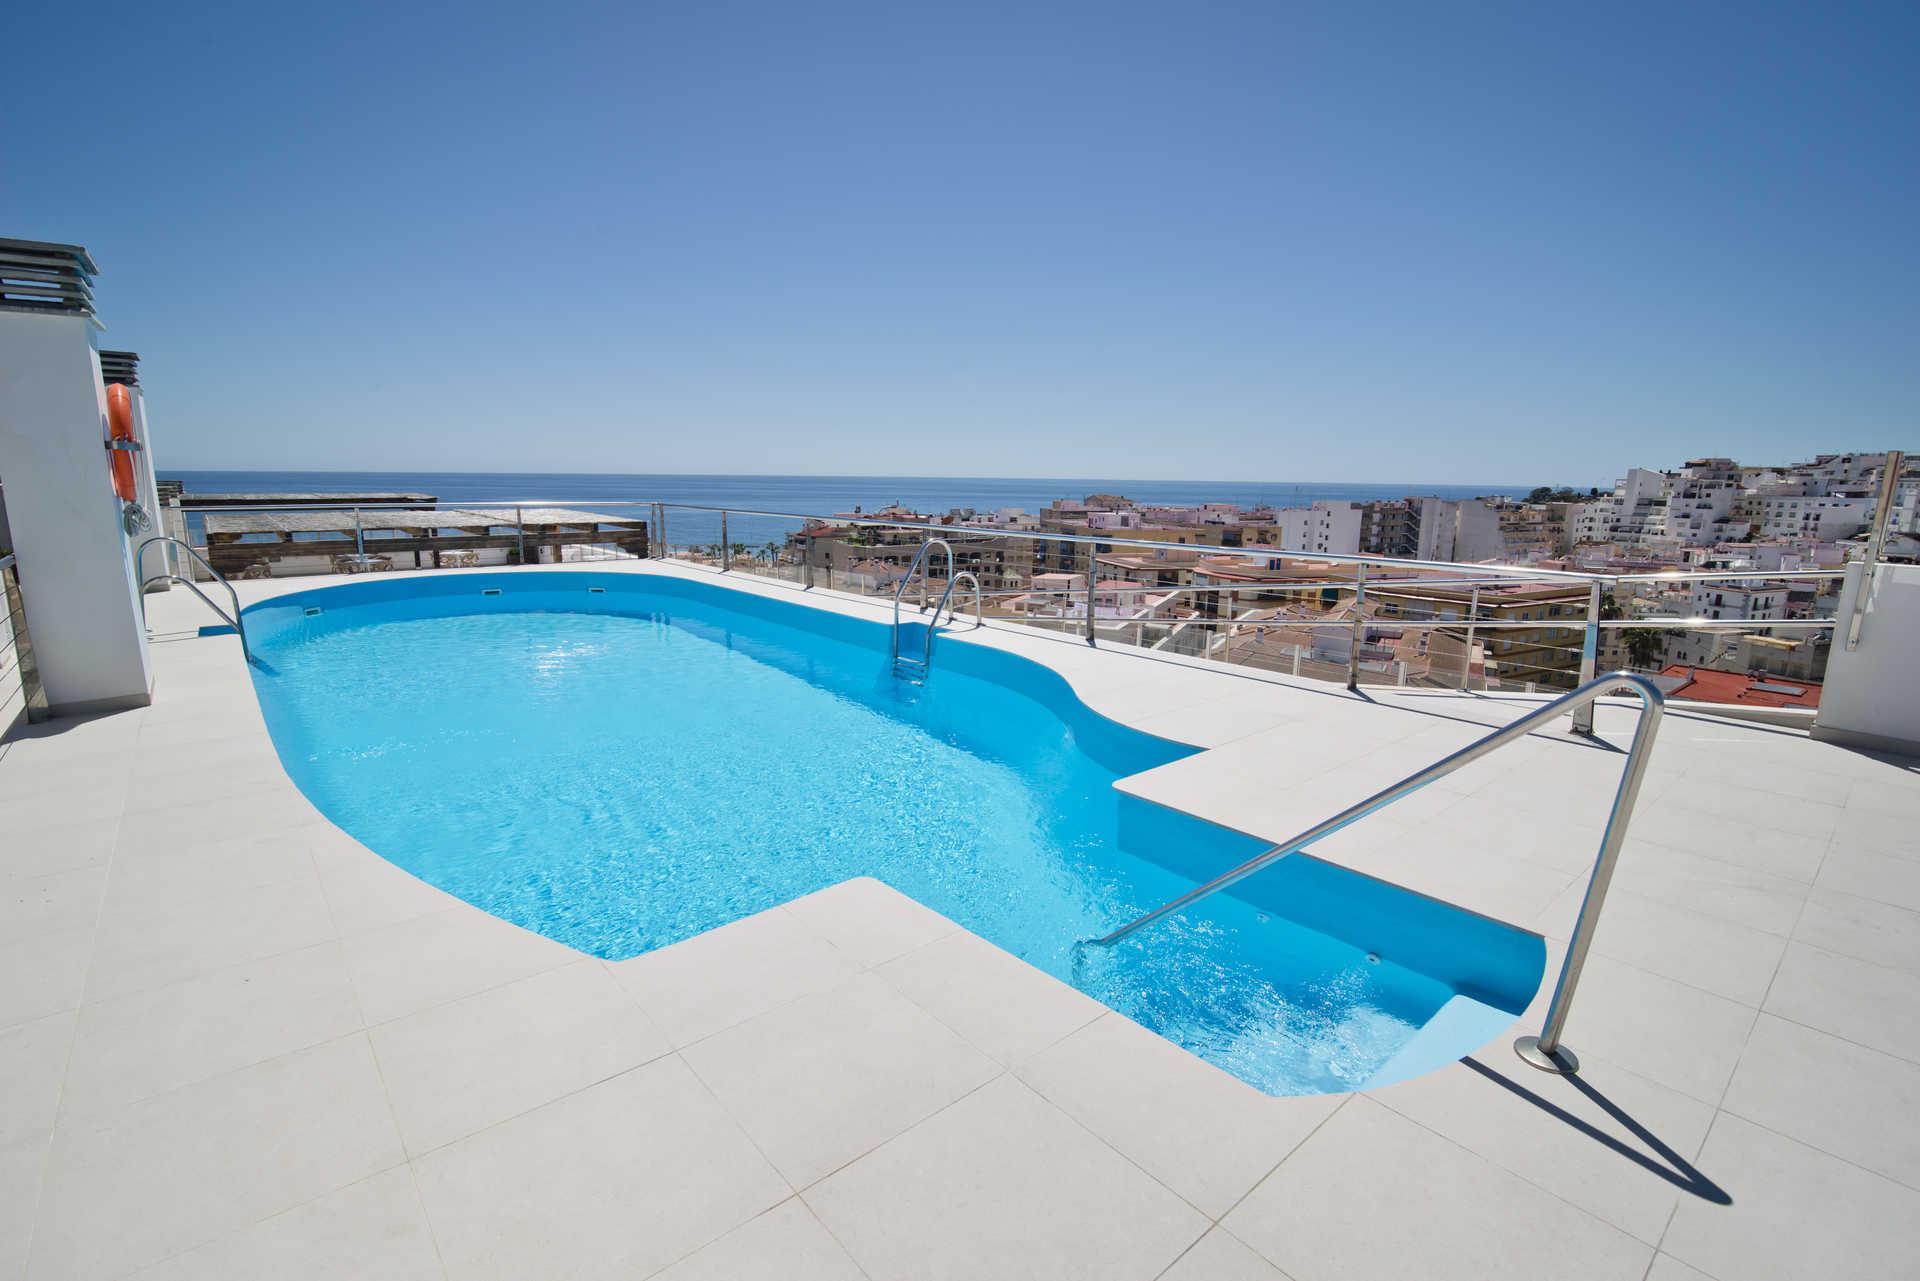 Disfruta seguro, seguro disfrutas en el Hotel Bahía de Almuñécar